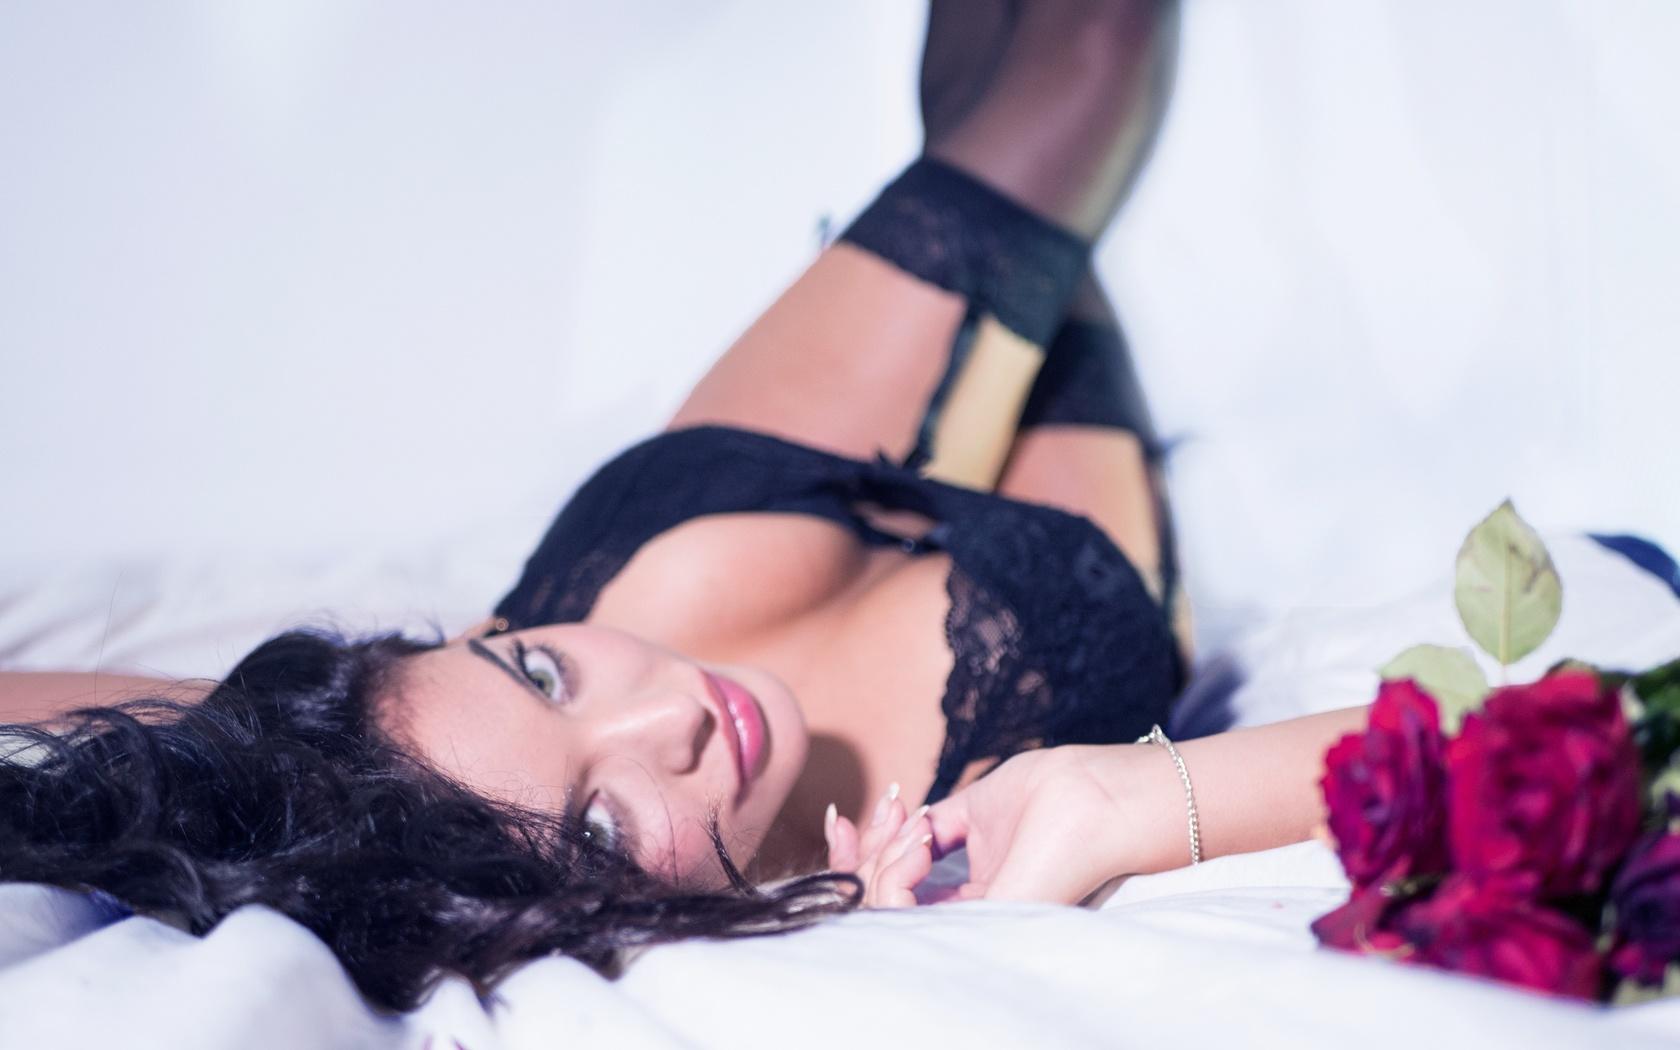 Секс фантазии девочек, Эротические фантазии - порно видео онлайн, смотреть 28 фотография